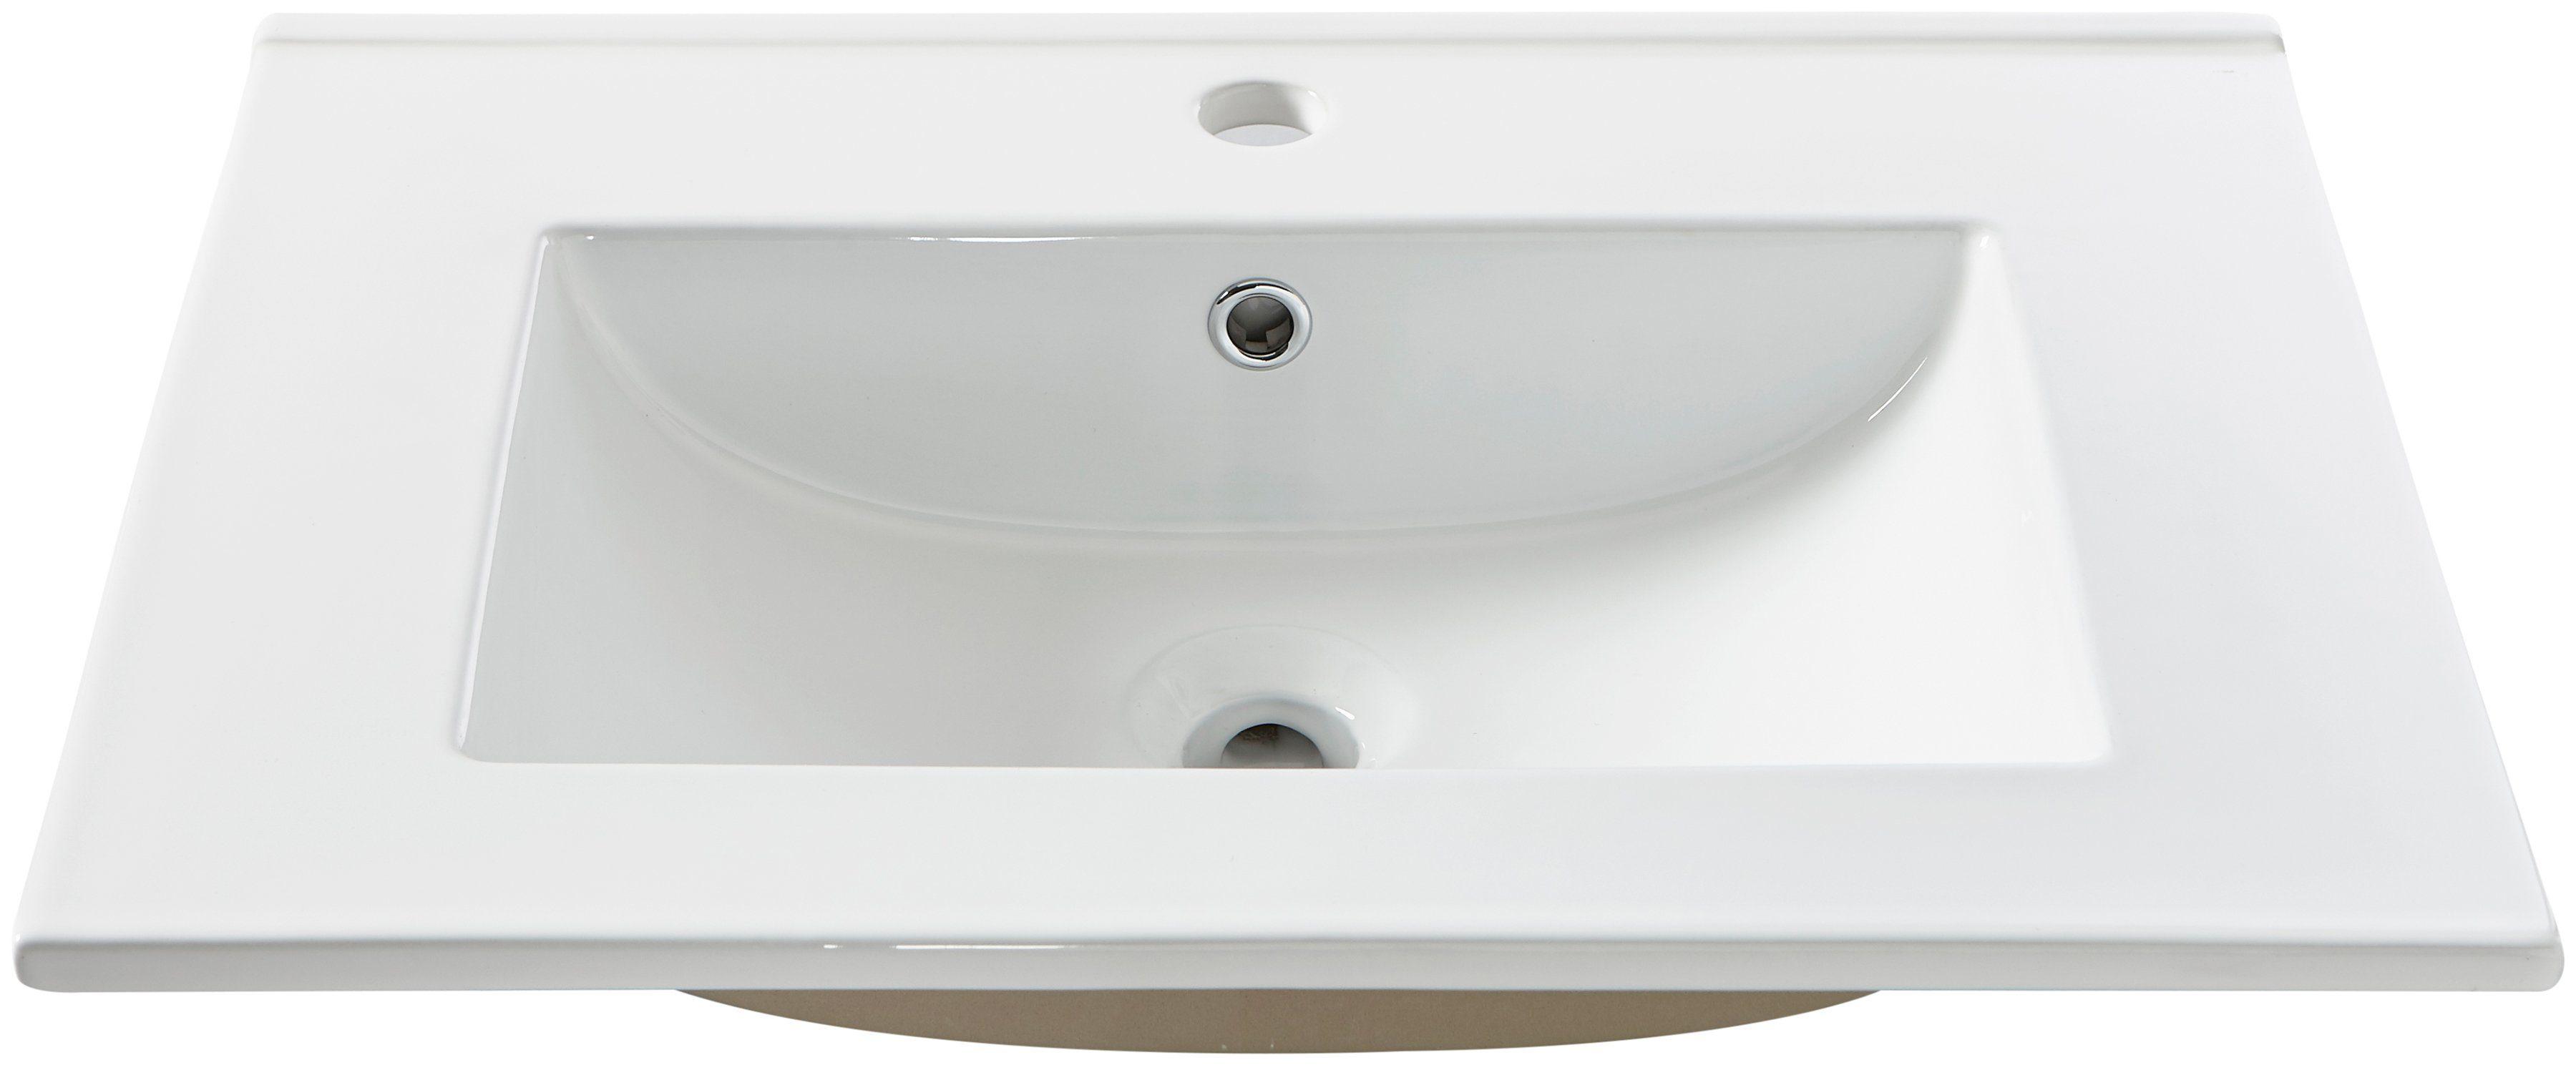 Waschbecken »Trento«, Breite 61 cm, Einsatzbecken/Waschtisch